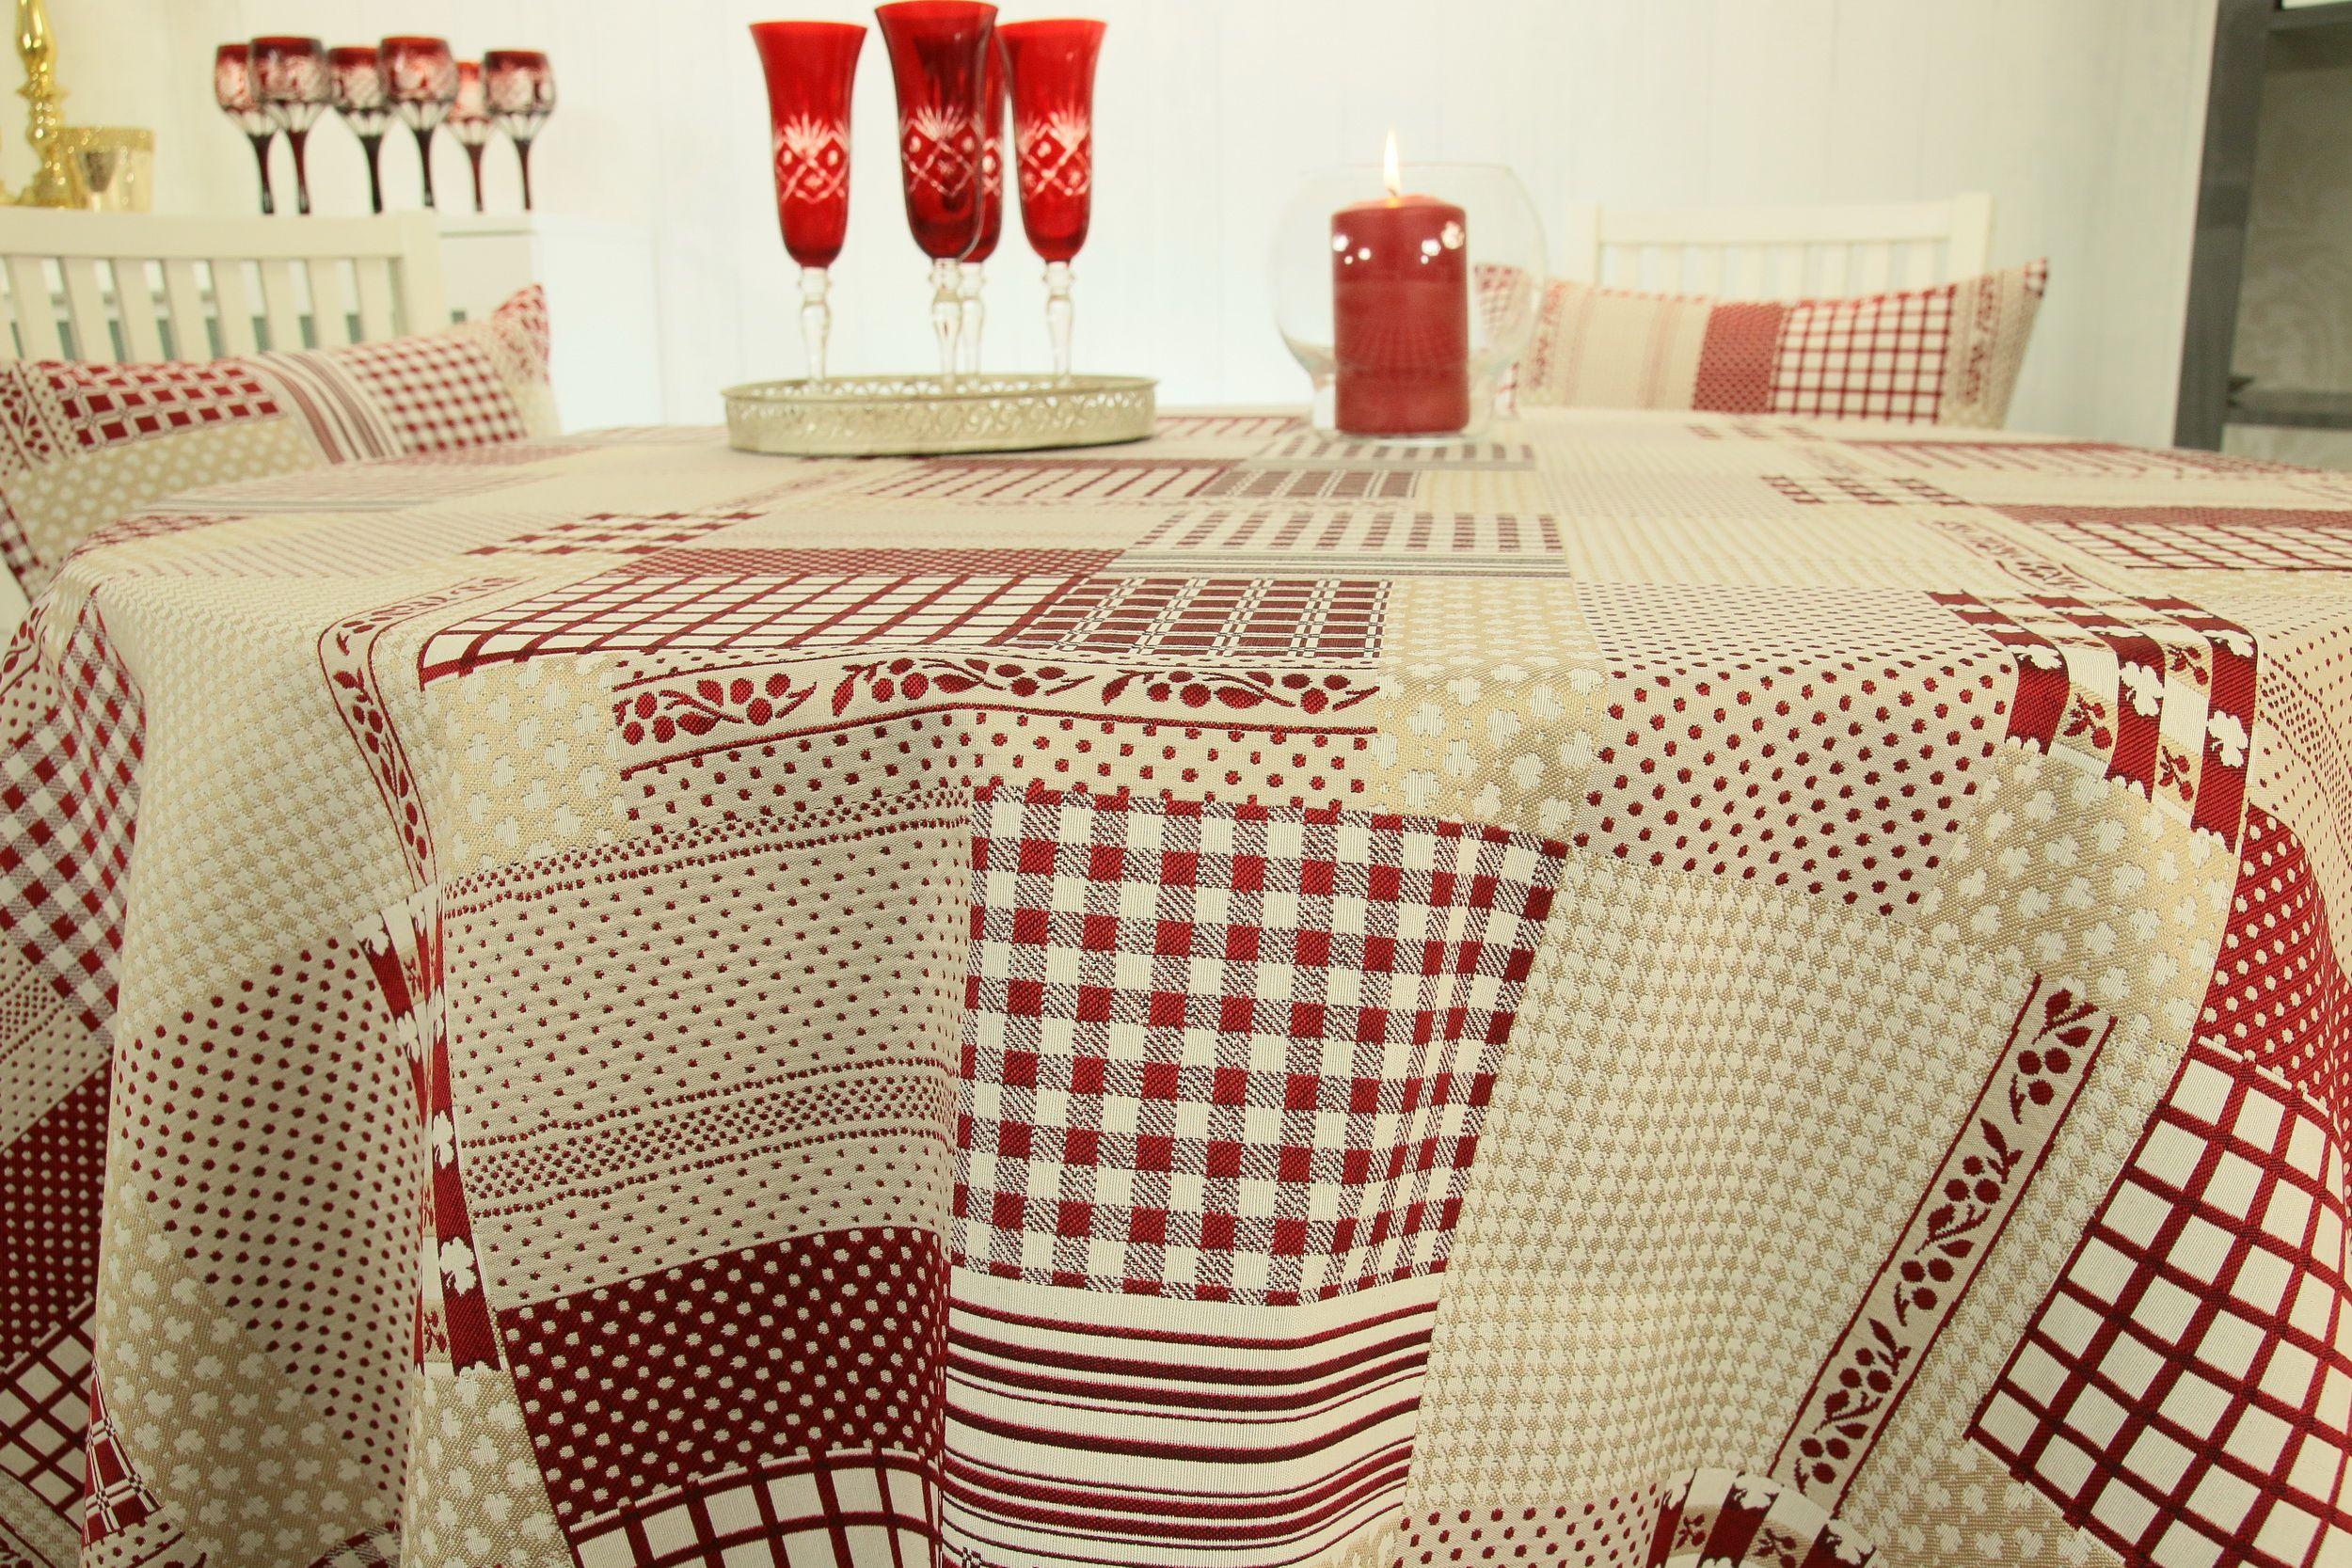 Runde Landhaus Tischdecke Der Schwere Stoff Fallt Wunderbar Weich An Den Seiten Herab Runde Tischdecke Tischdecke Decke